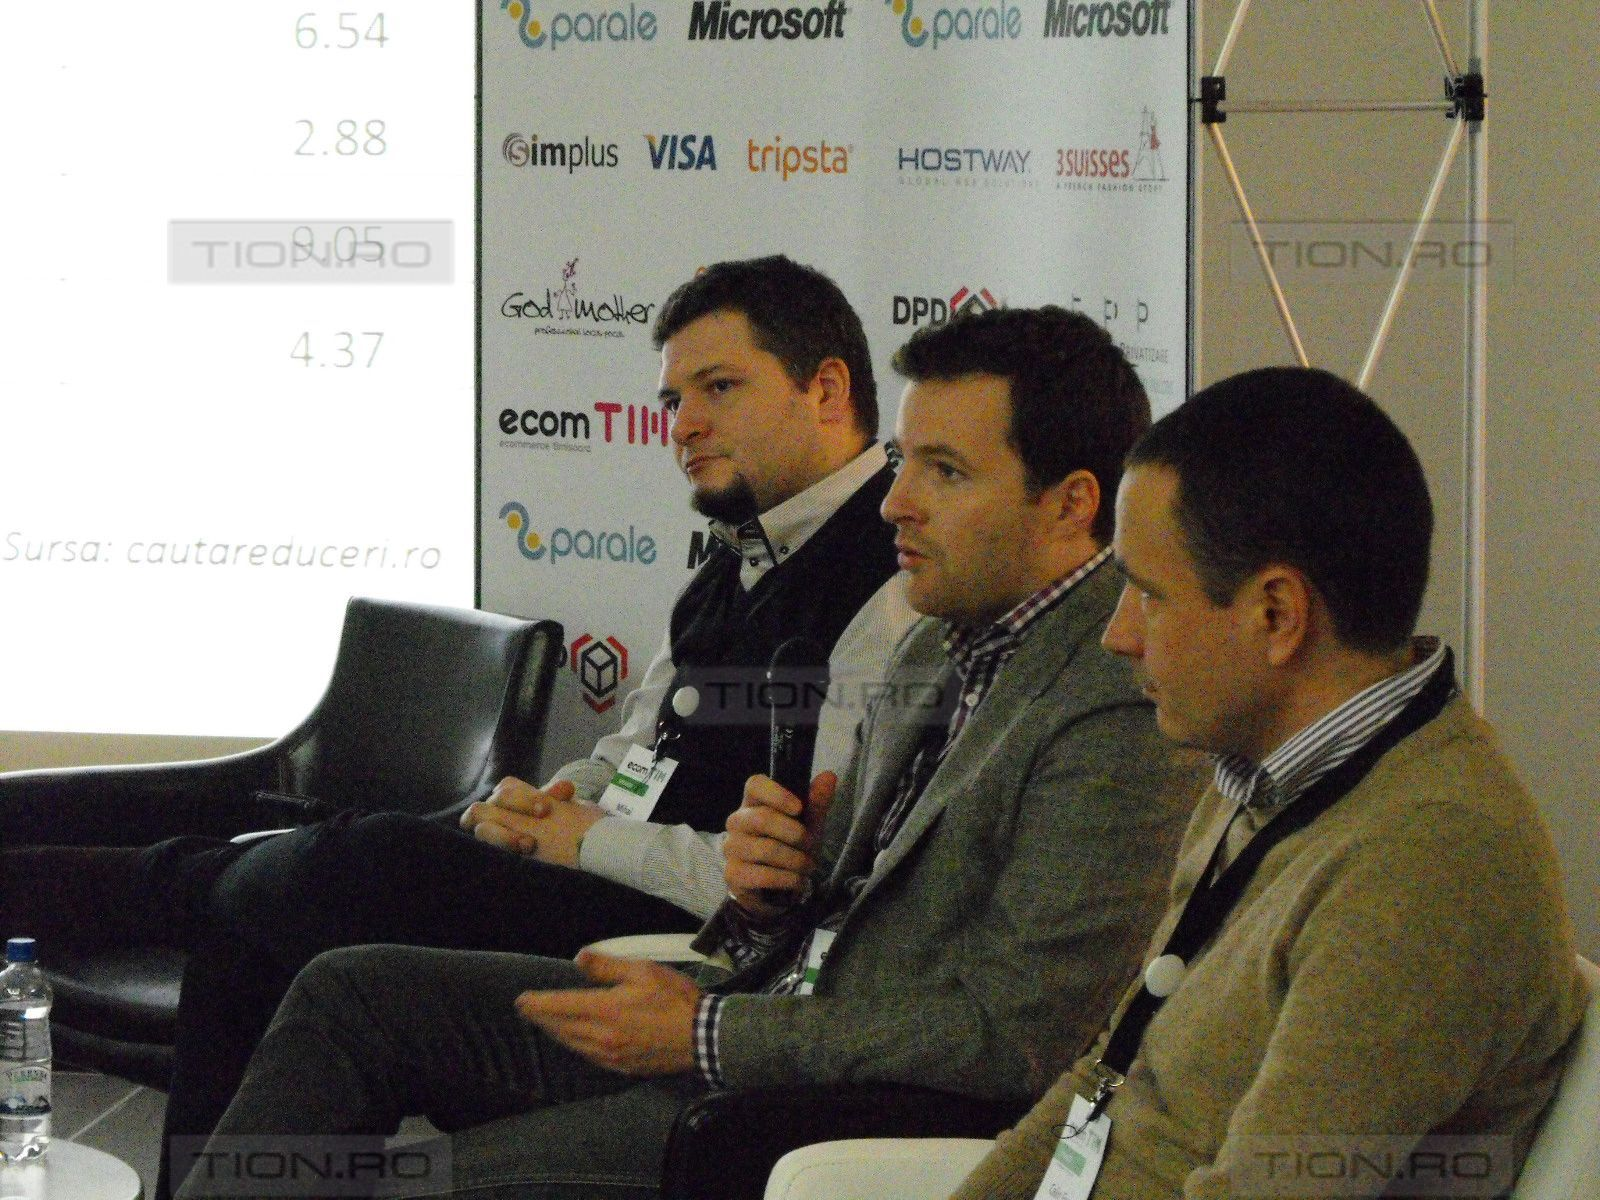 Specialisti din domeniul comertului online si detinatori de business-uri din lumea virtuala se intalnesc la EcomTIM